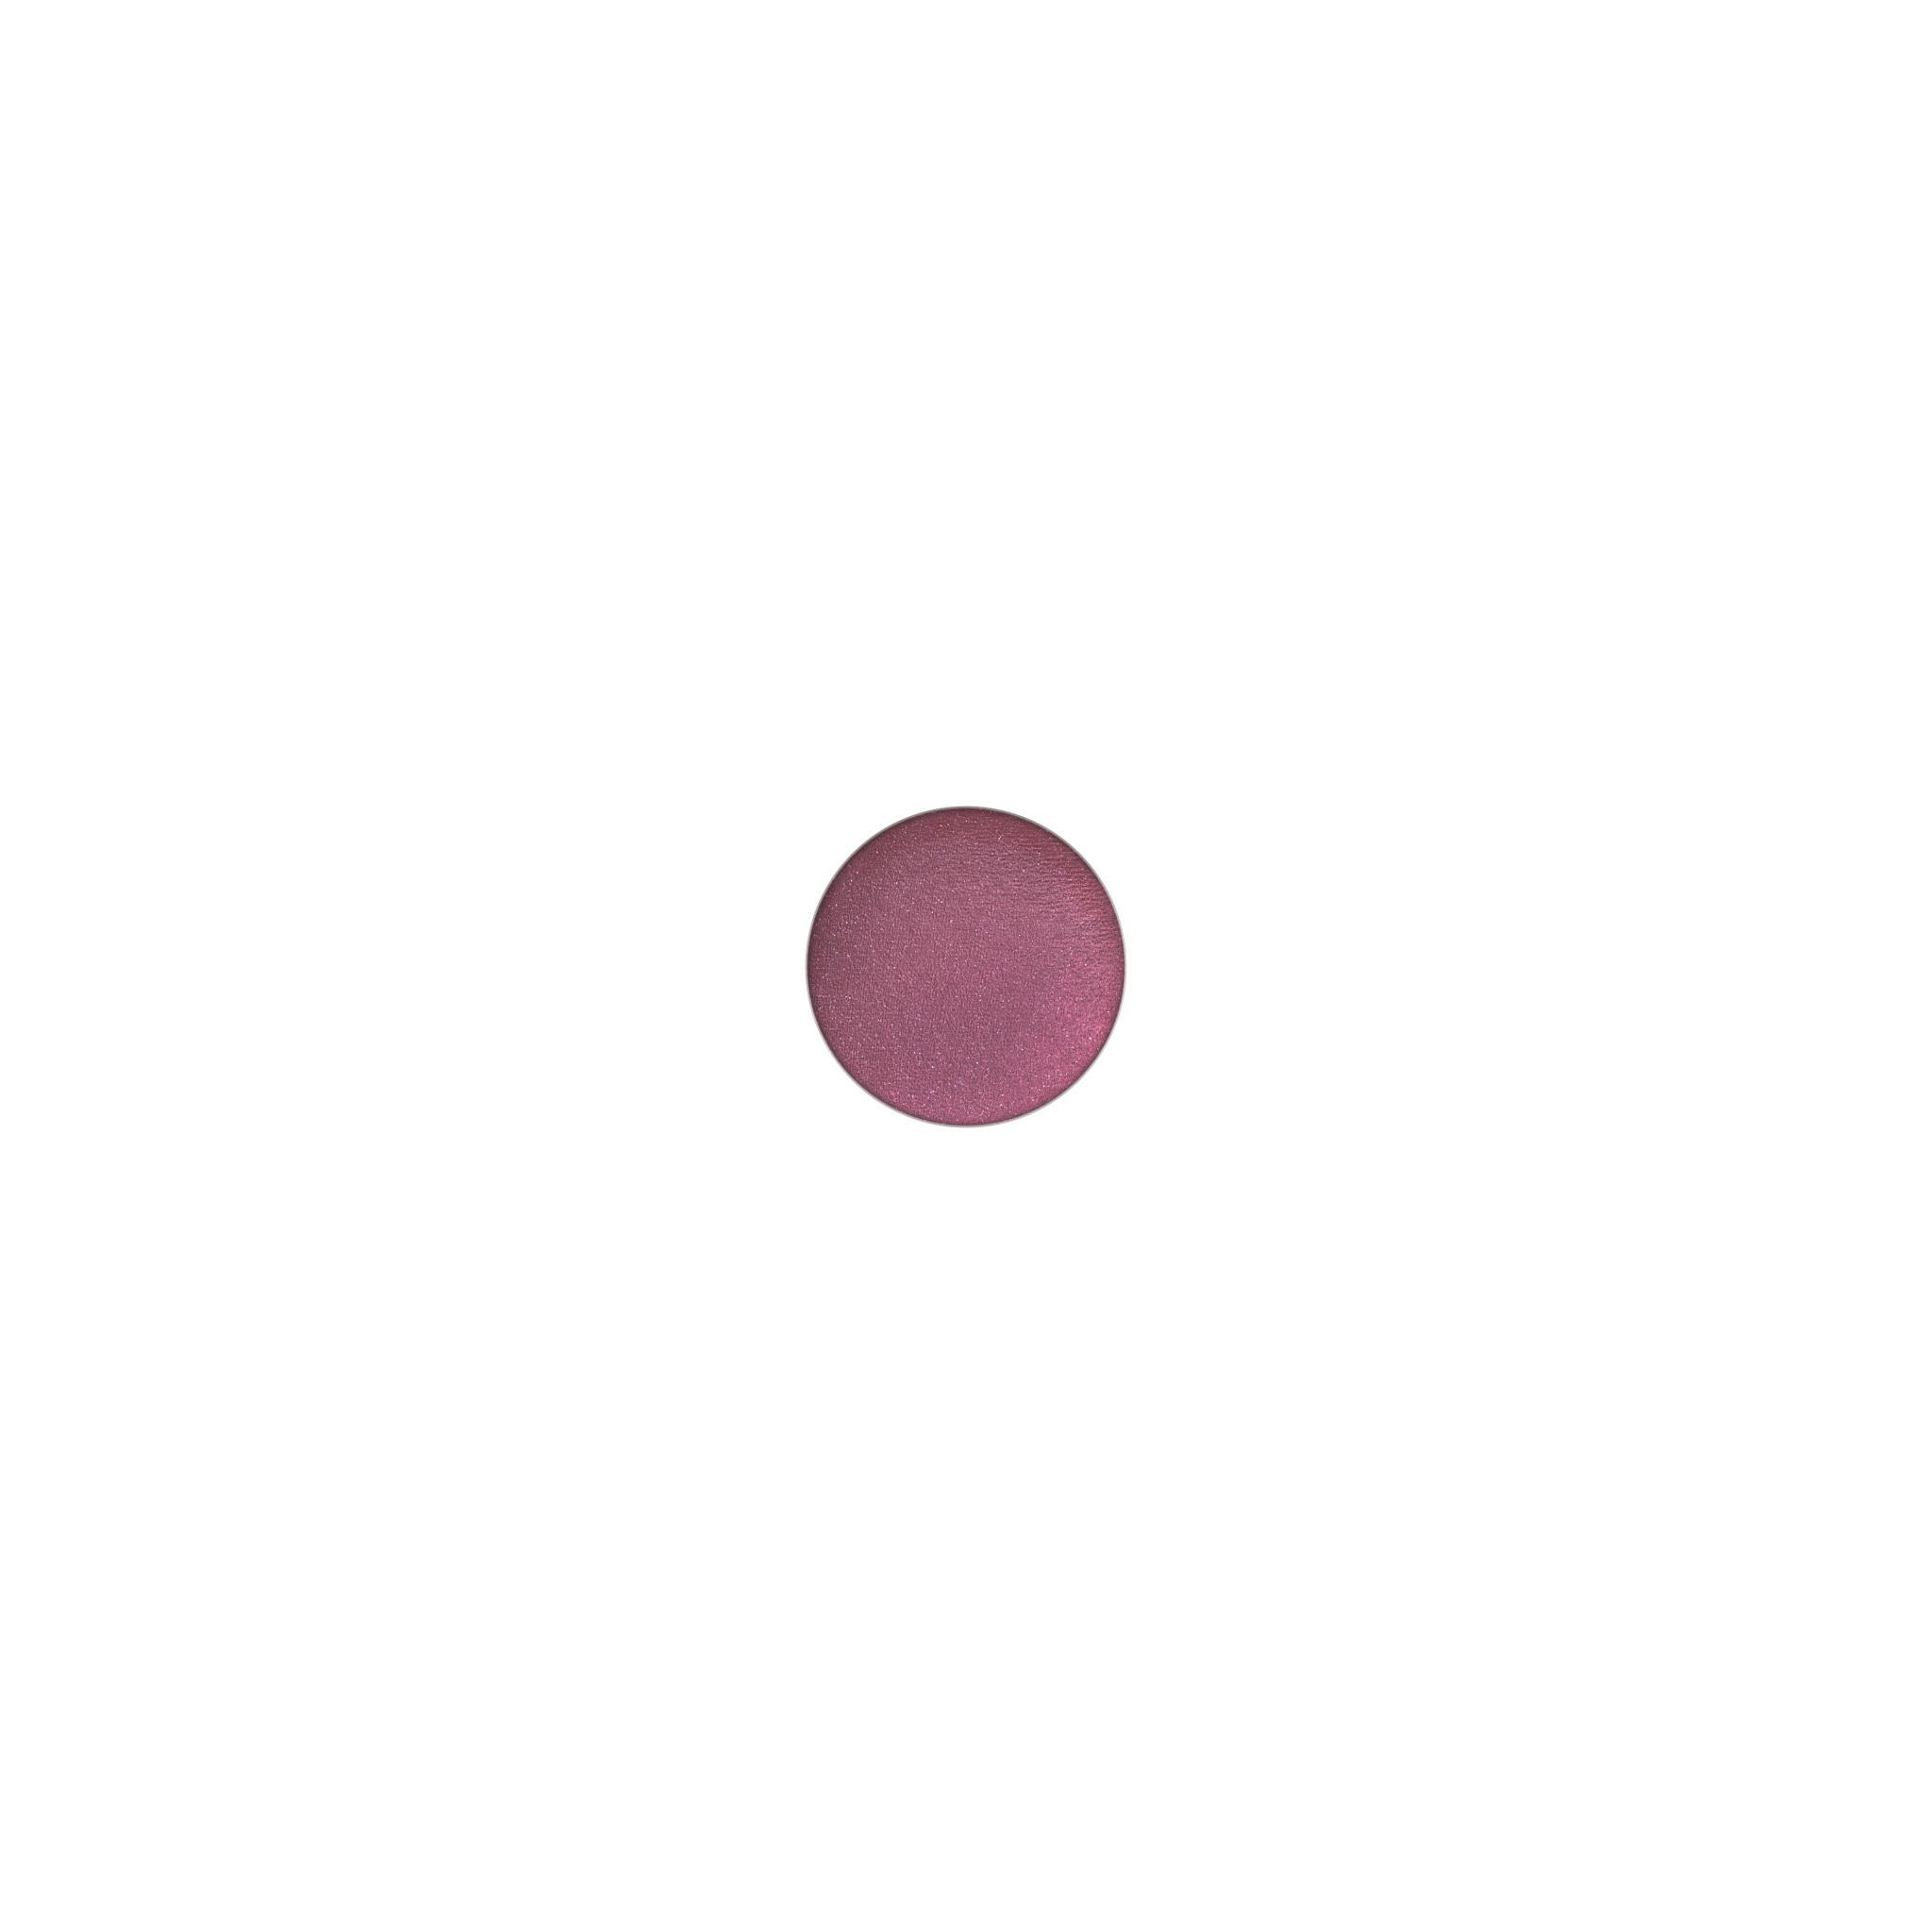 MAC Pro Palette Eye Shadow, cranberry